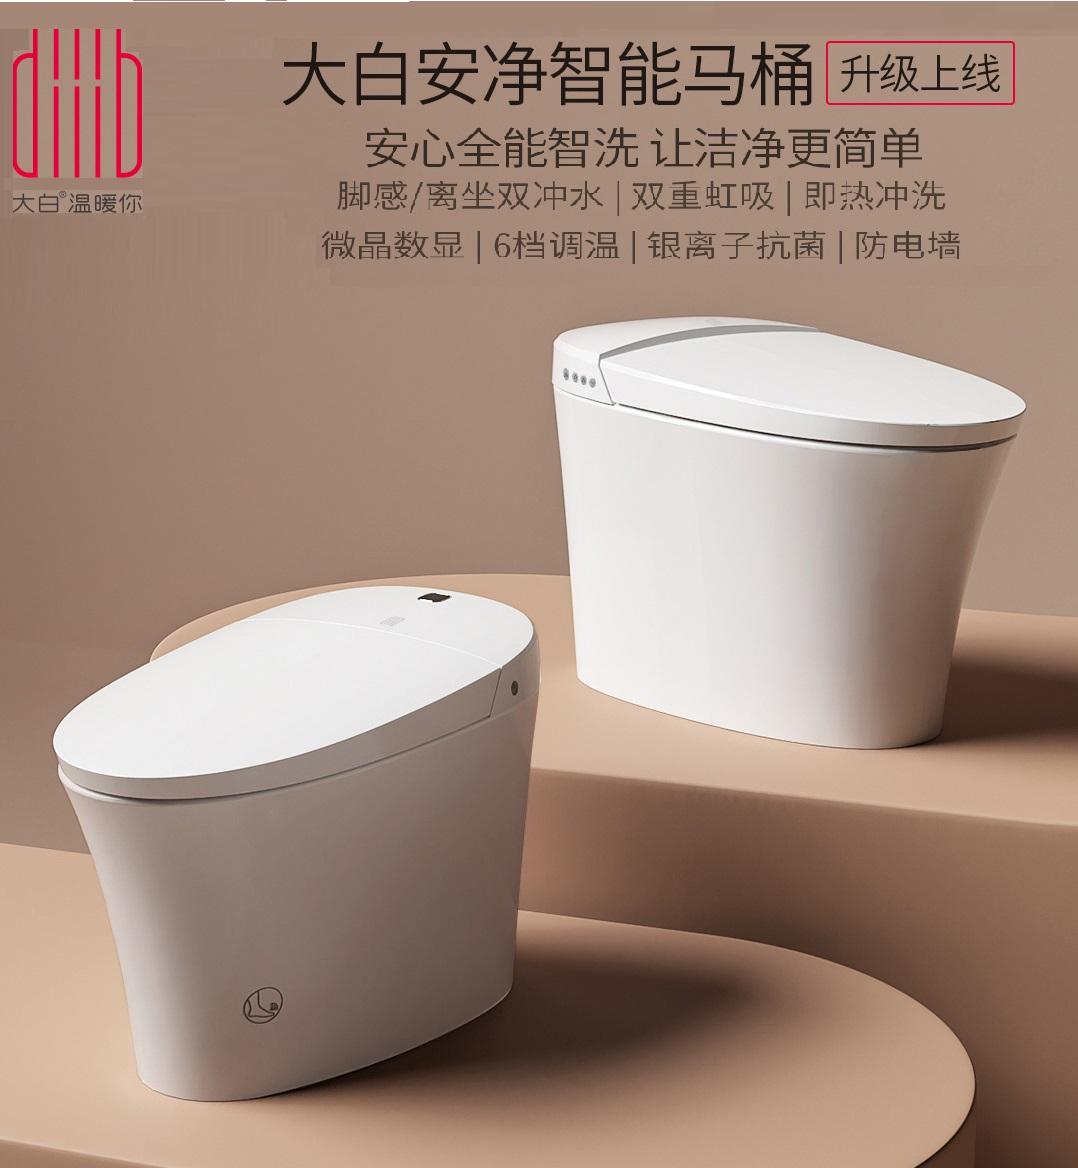 diiib 大白 DMMT001 智净抗菌智能马桶 升级脚感、数显款 小米有品优惠券折后¥1789包邮